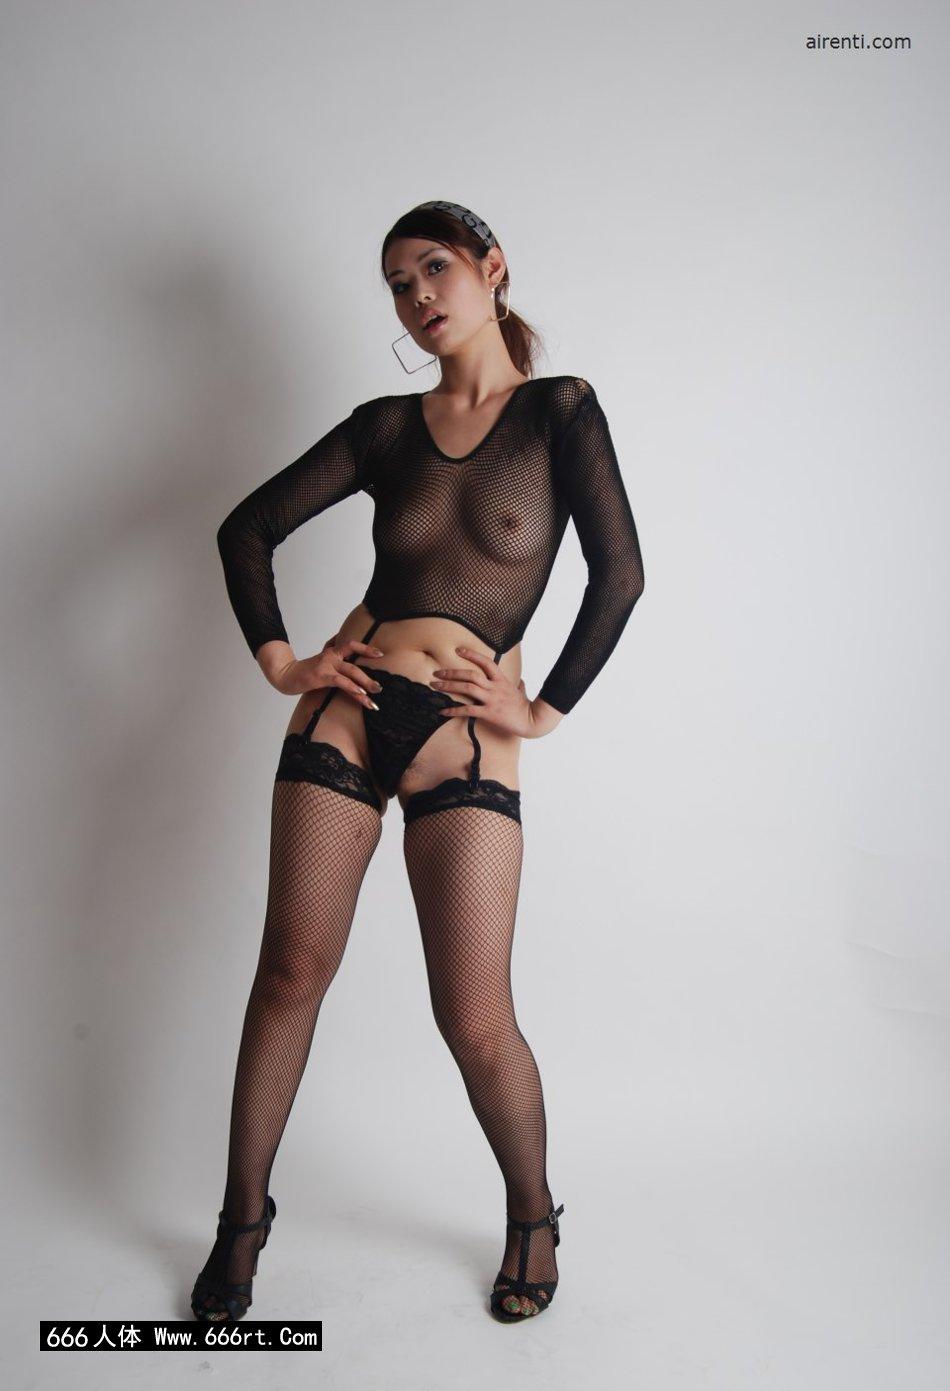 丰润美妇小倩棚拍妩媚黑丝丝袜